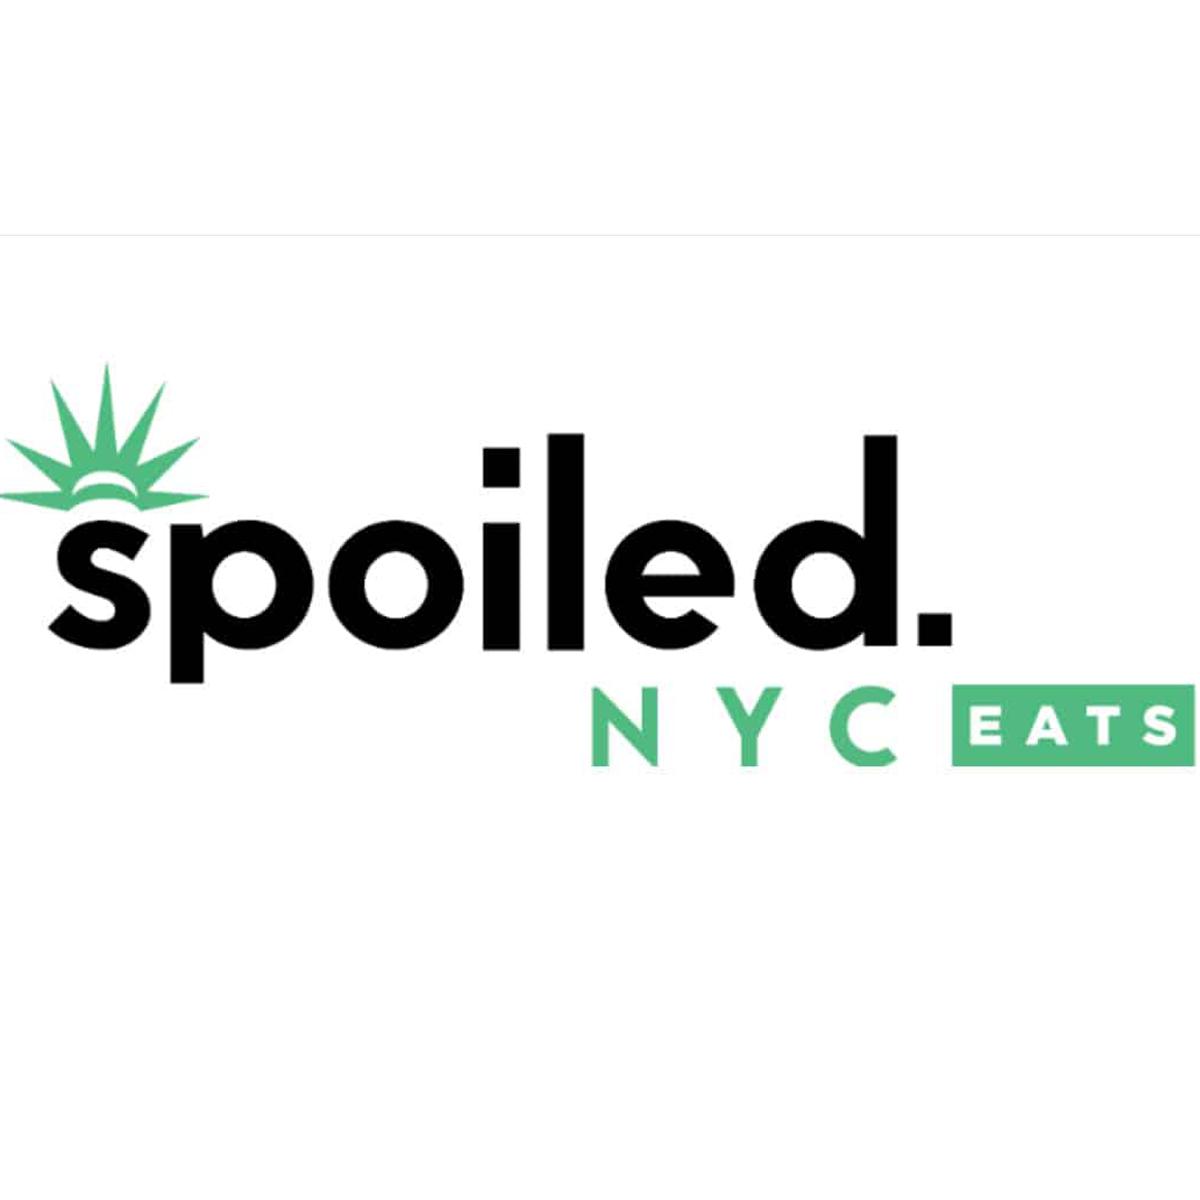 e-bar-spoiled-nyc-eats-logo.jpg